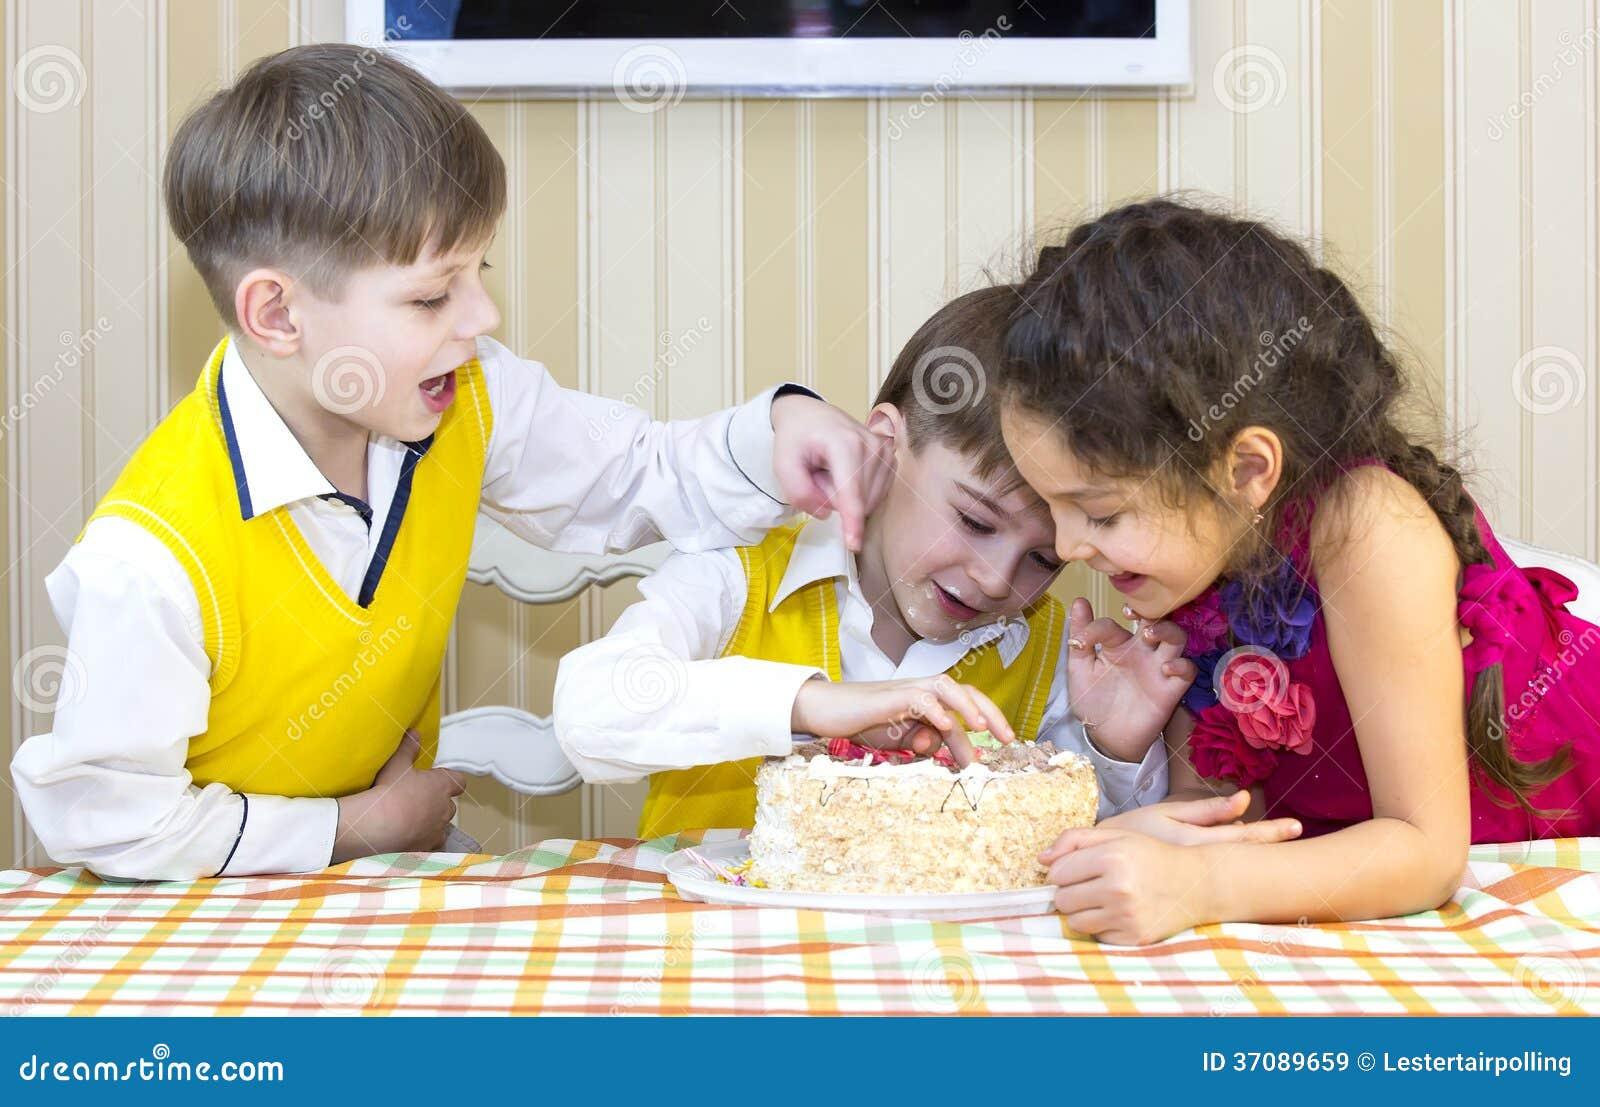 Download Dzieciaki jedzą tort obraz stock. Obraz złożonej z twarz - 37089659